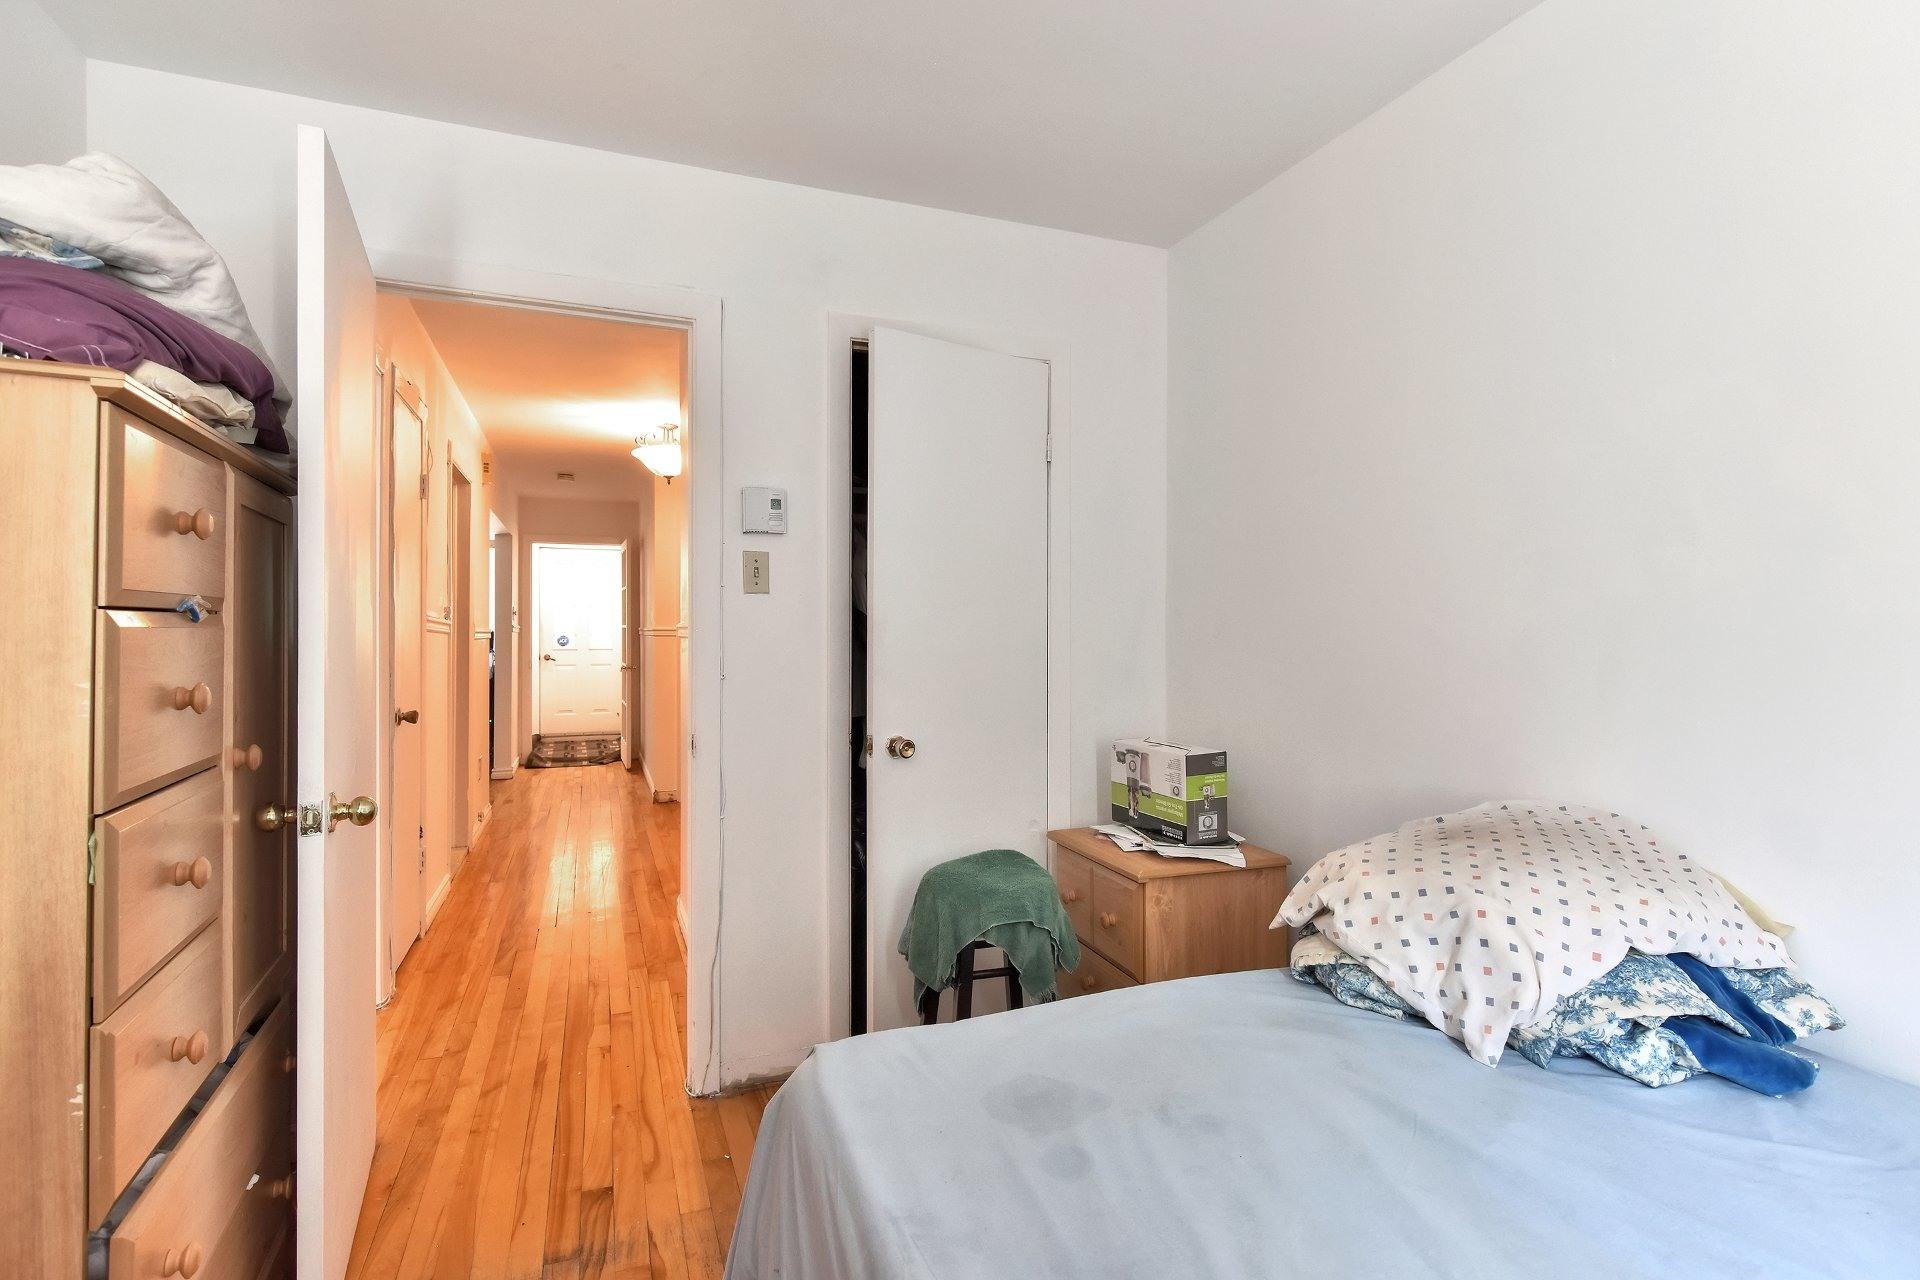 image 20 - Duplex For sale Rivière-des-Prairies/Pointe-aux-Trembles Montréal  - 5 rooms